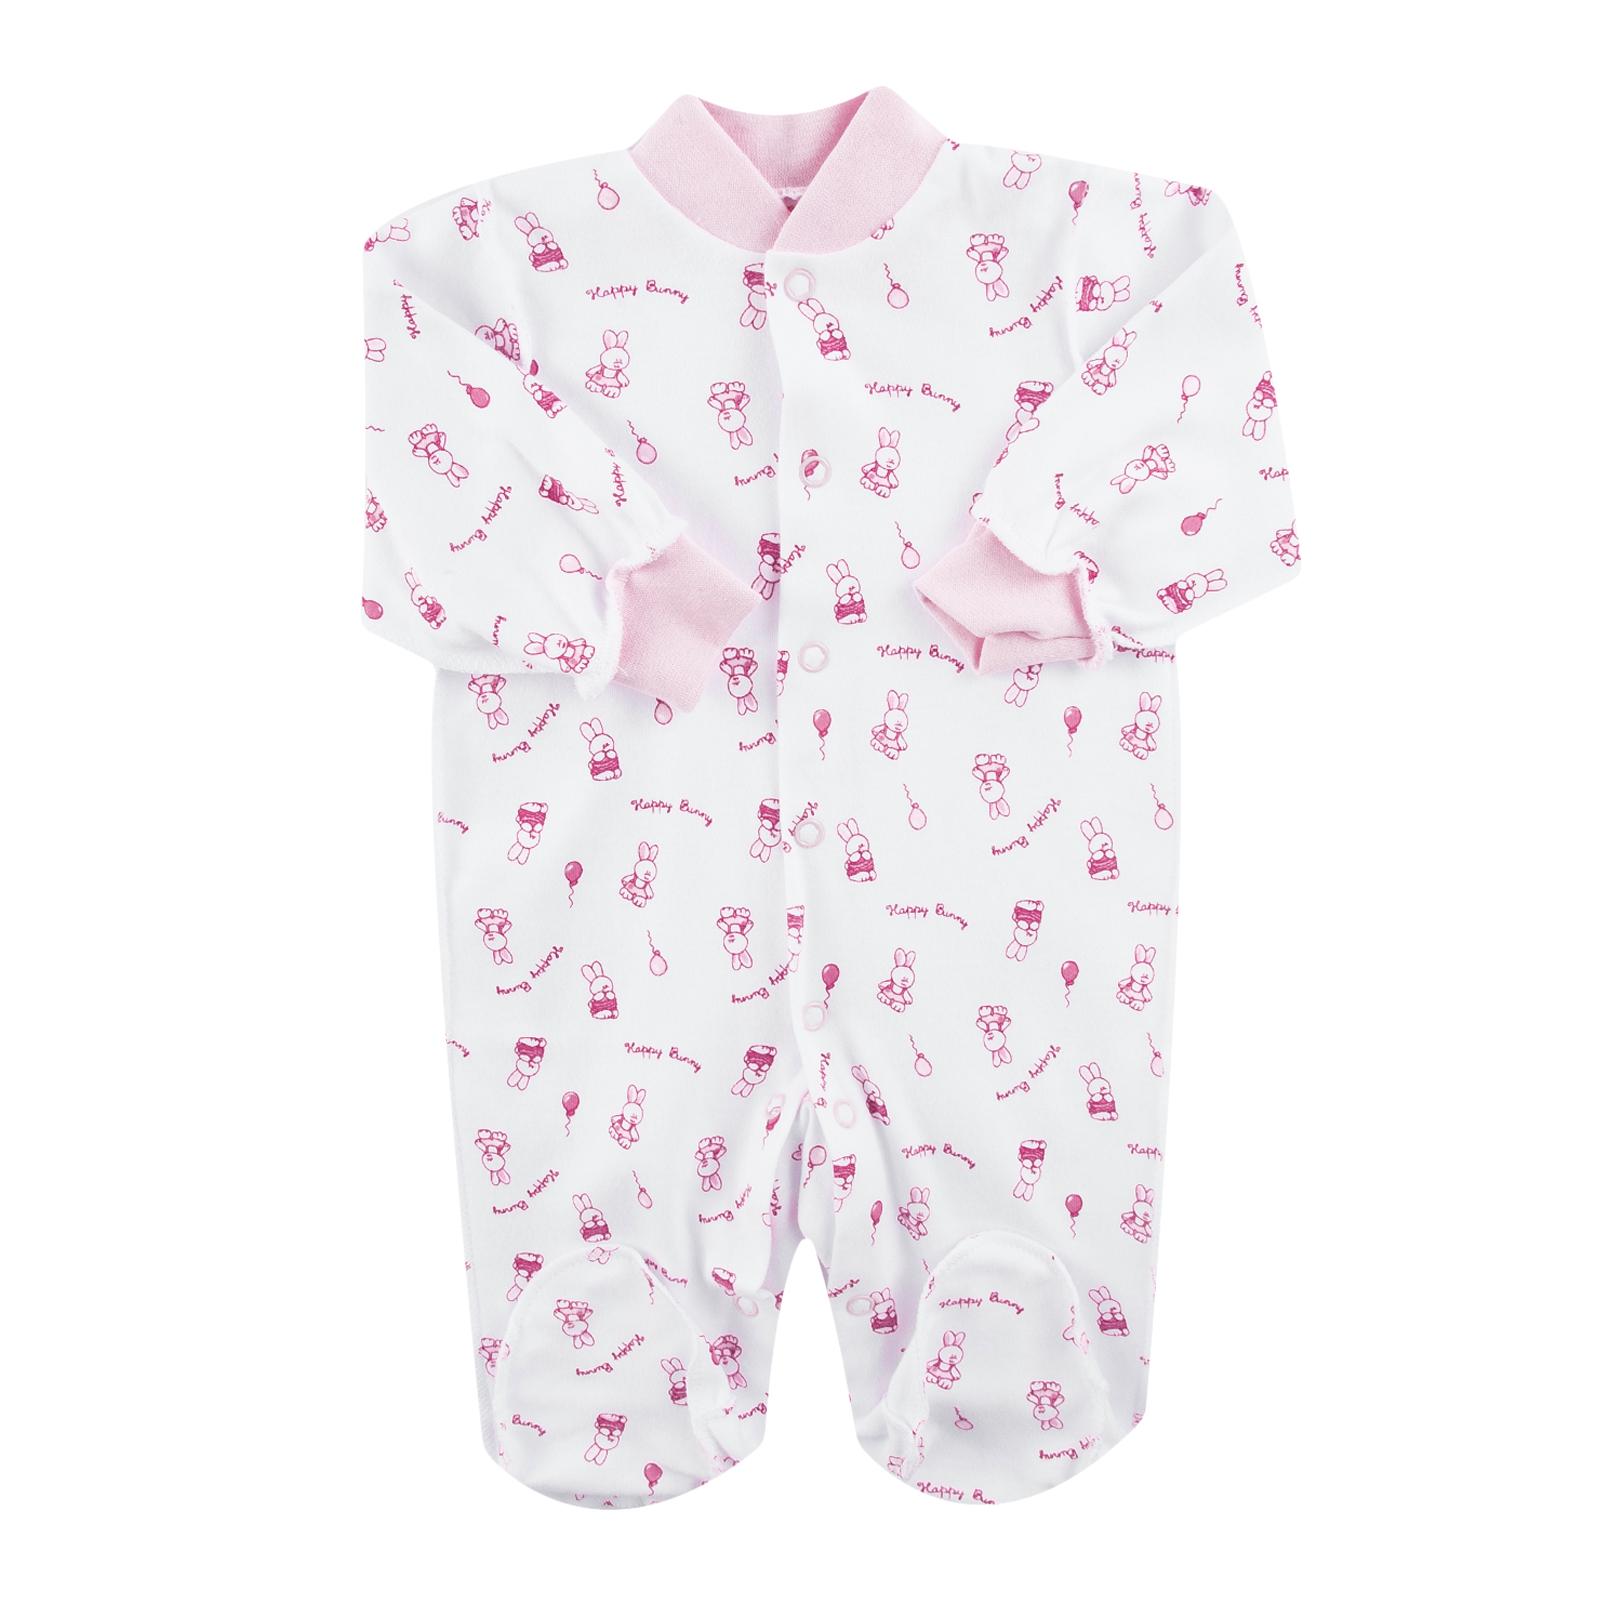 Комбинезон КОТМАРКОТ для девочки, цвет набивка розовый тон 0-1 мес (размер 50)<br>